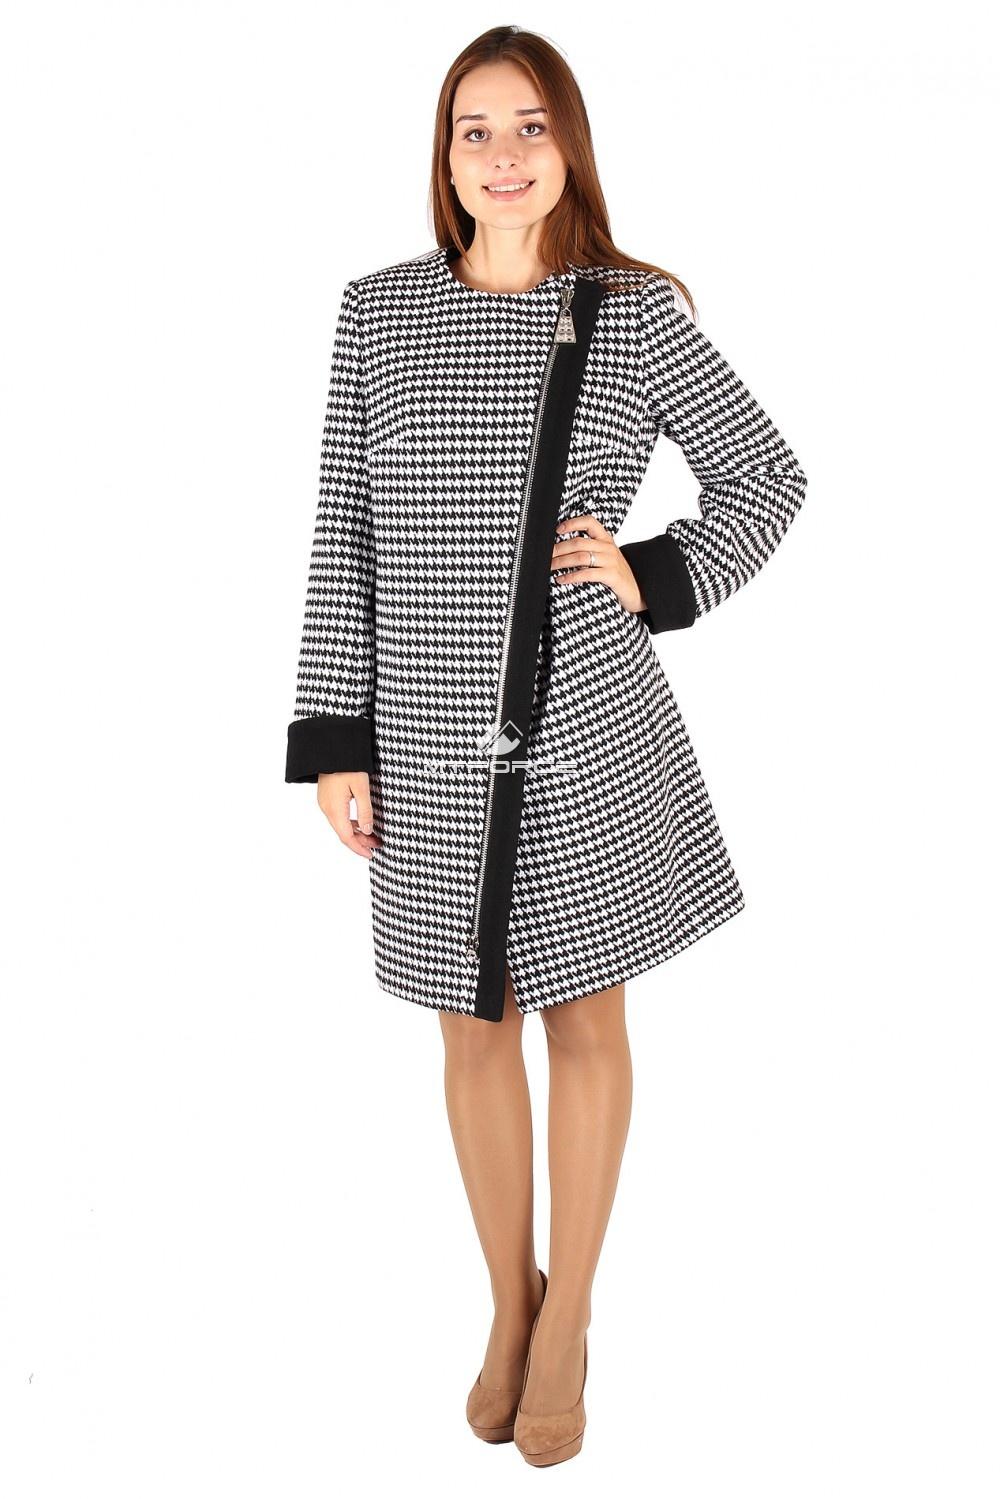 Купить оптом Пальто женское черно-белого цвета 394ChBl в Новосибирске